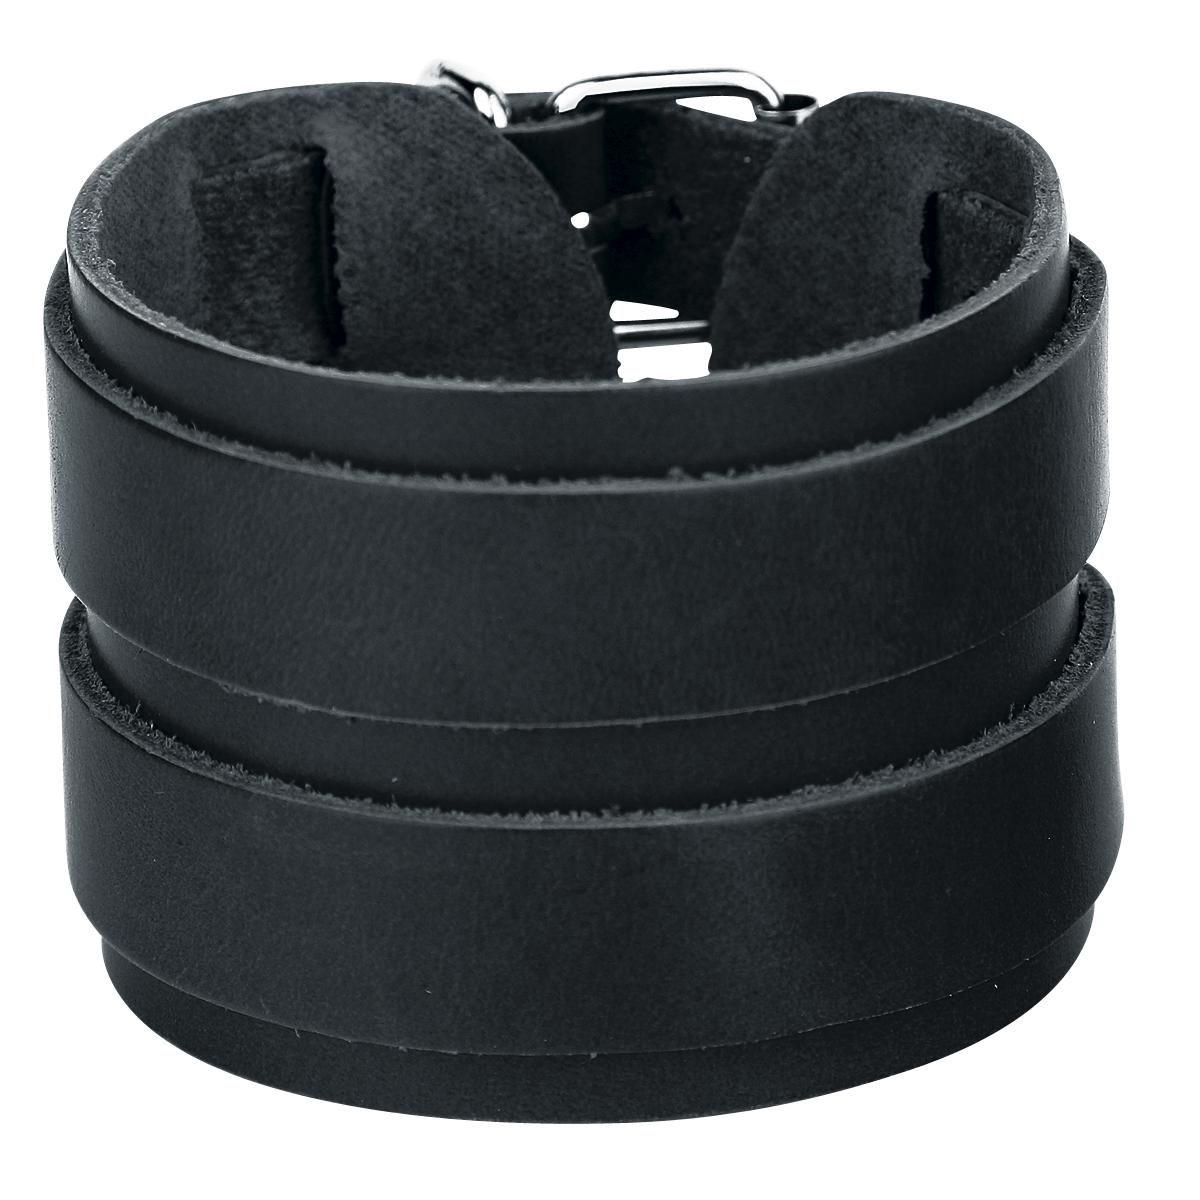 Double Leather Strap Bracelet - Lederen armband van Double Leather Strap…